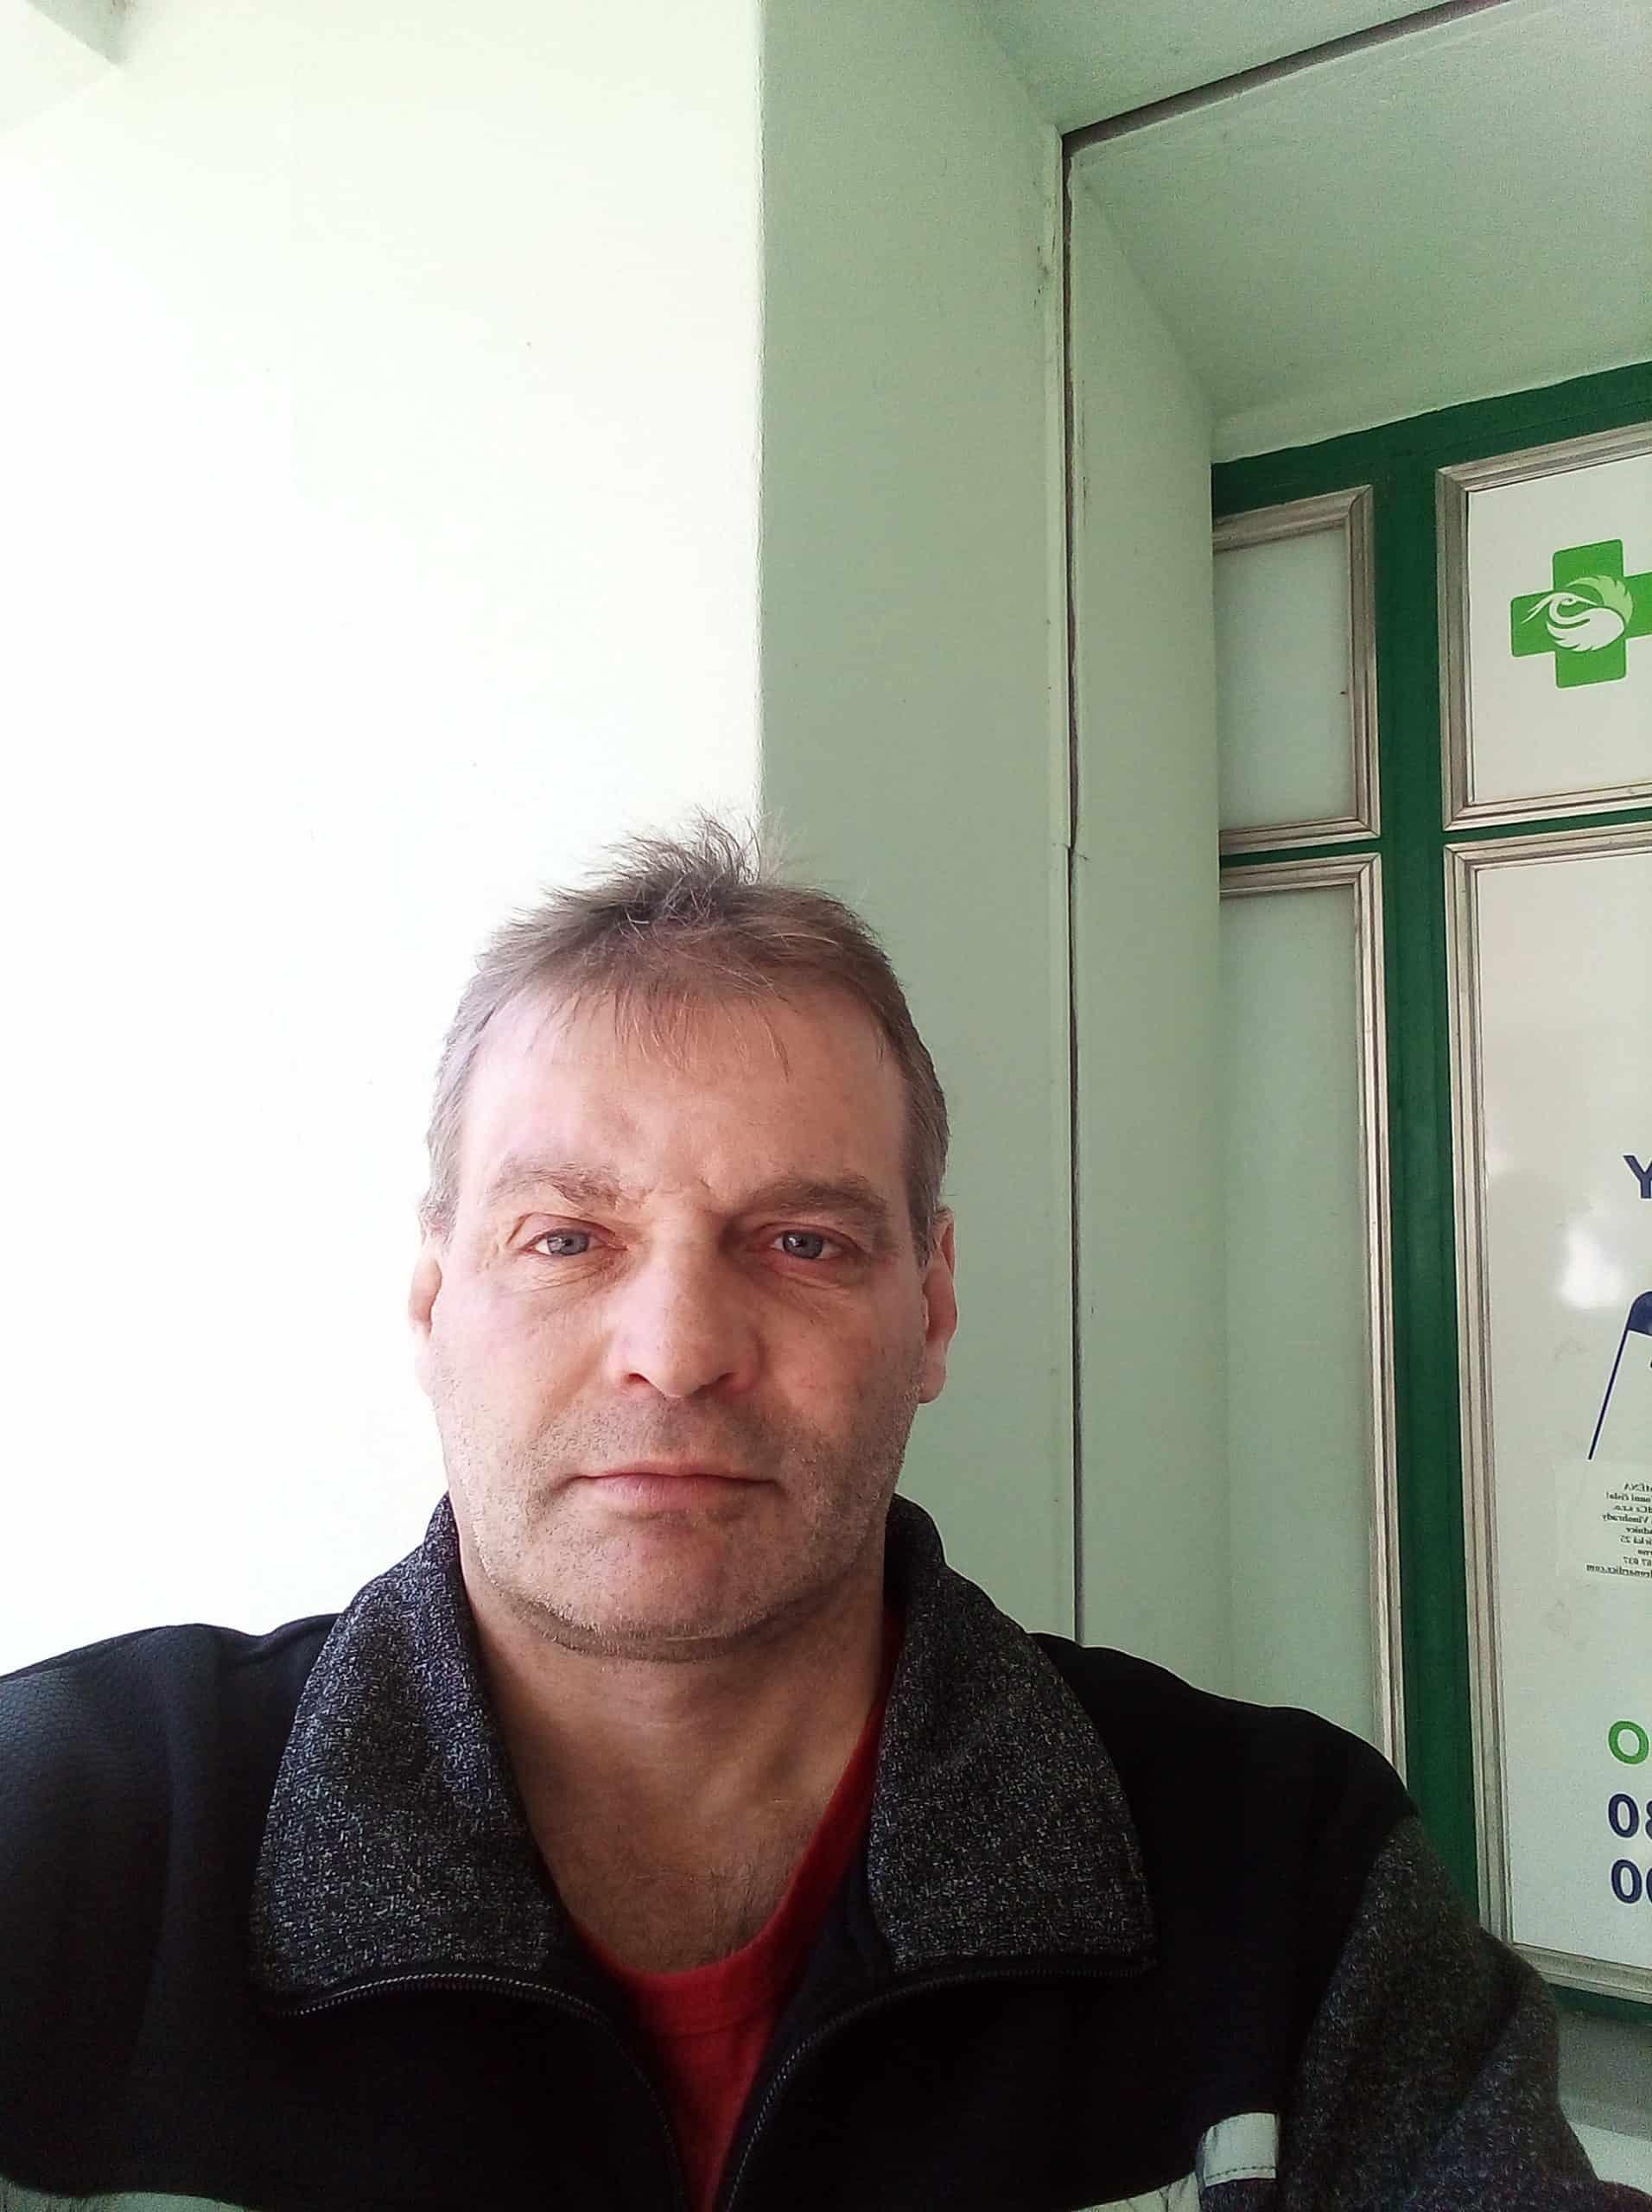 Hledám zralou ženu k sexu v Brně 1